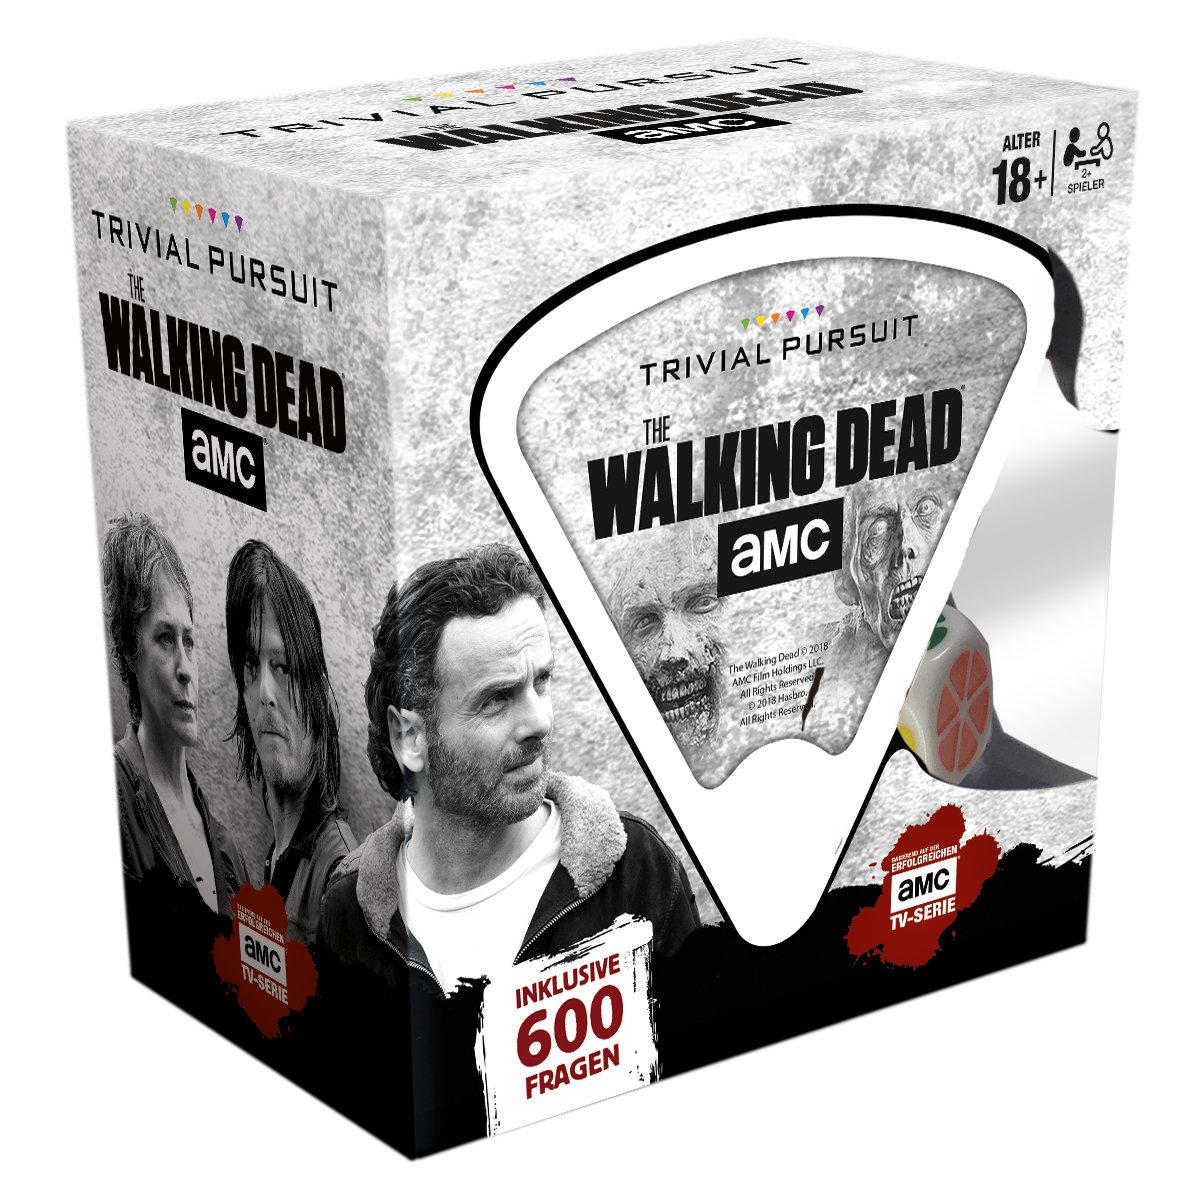 Trivial Pursuit The Walking Dead AMC